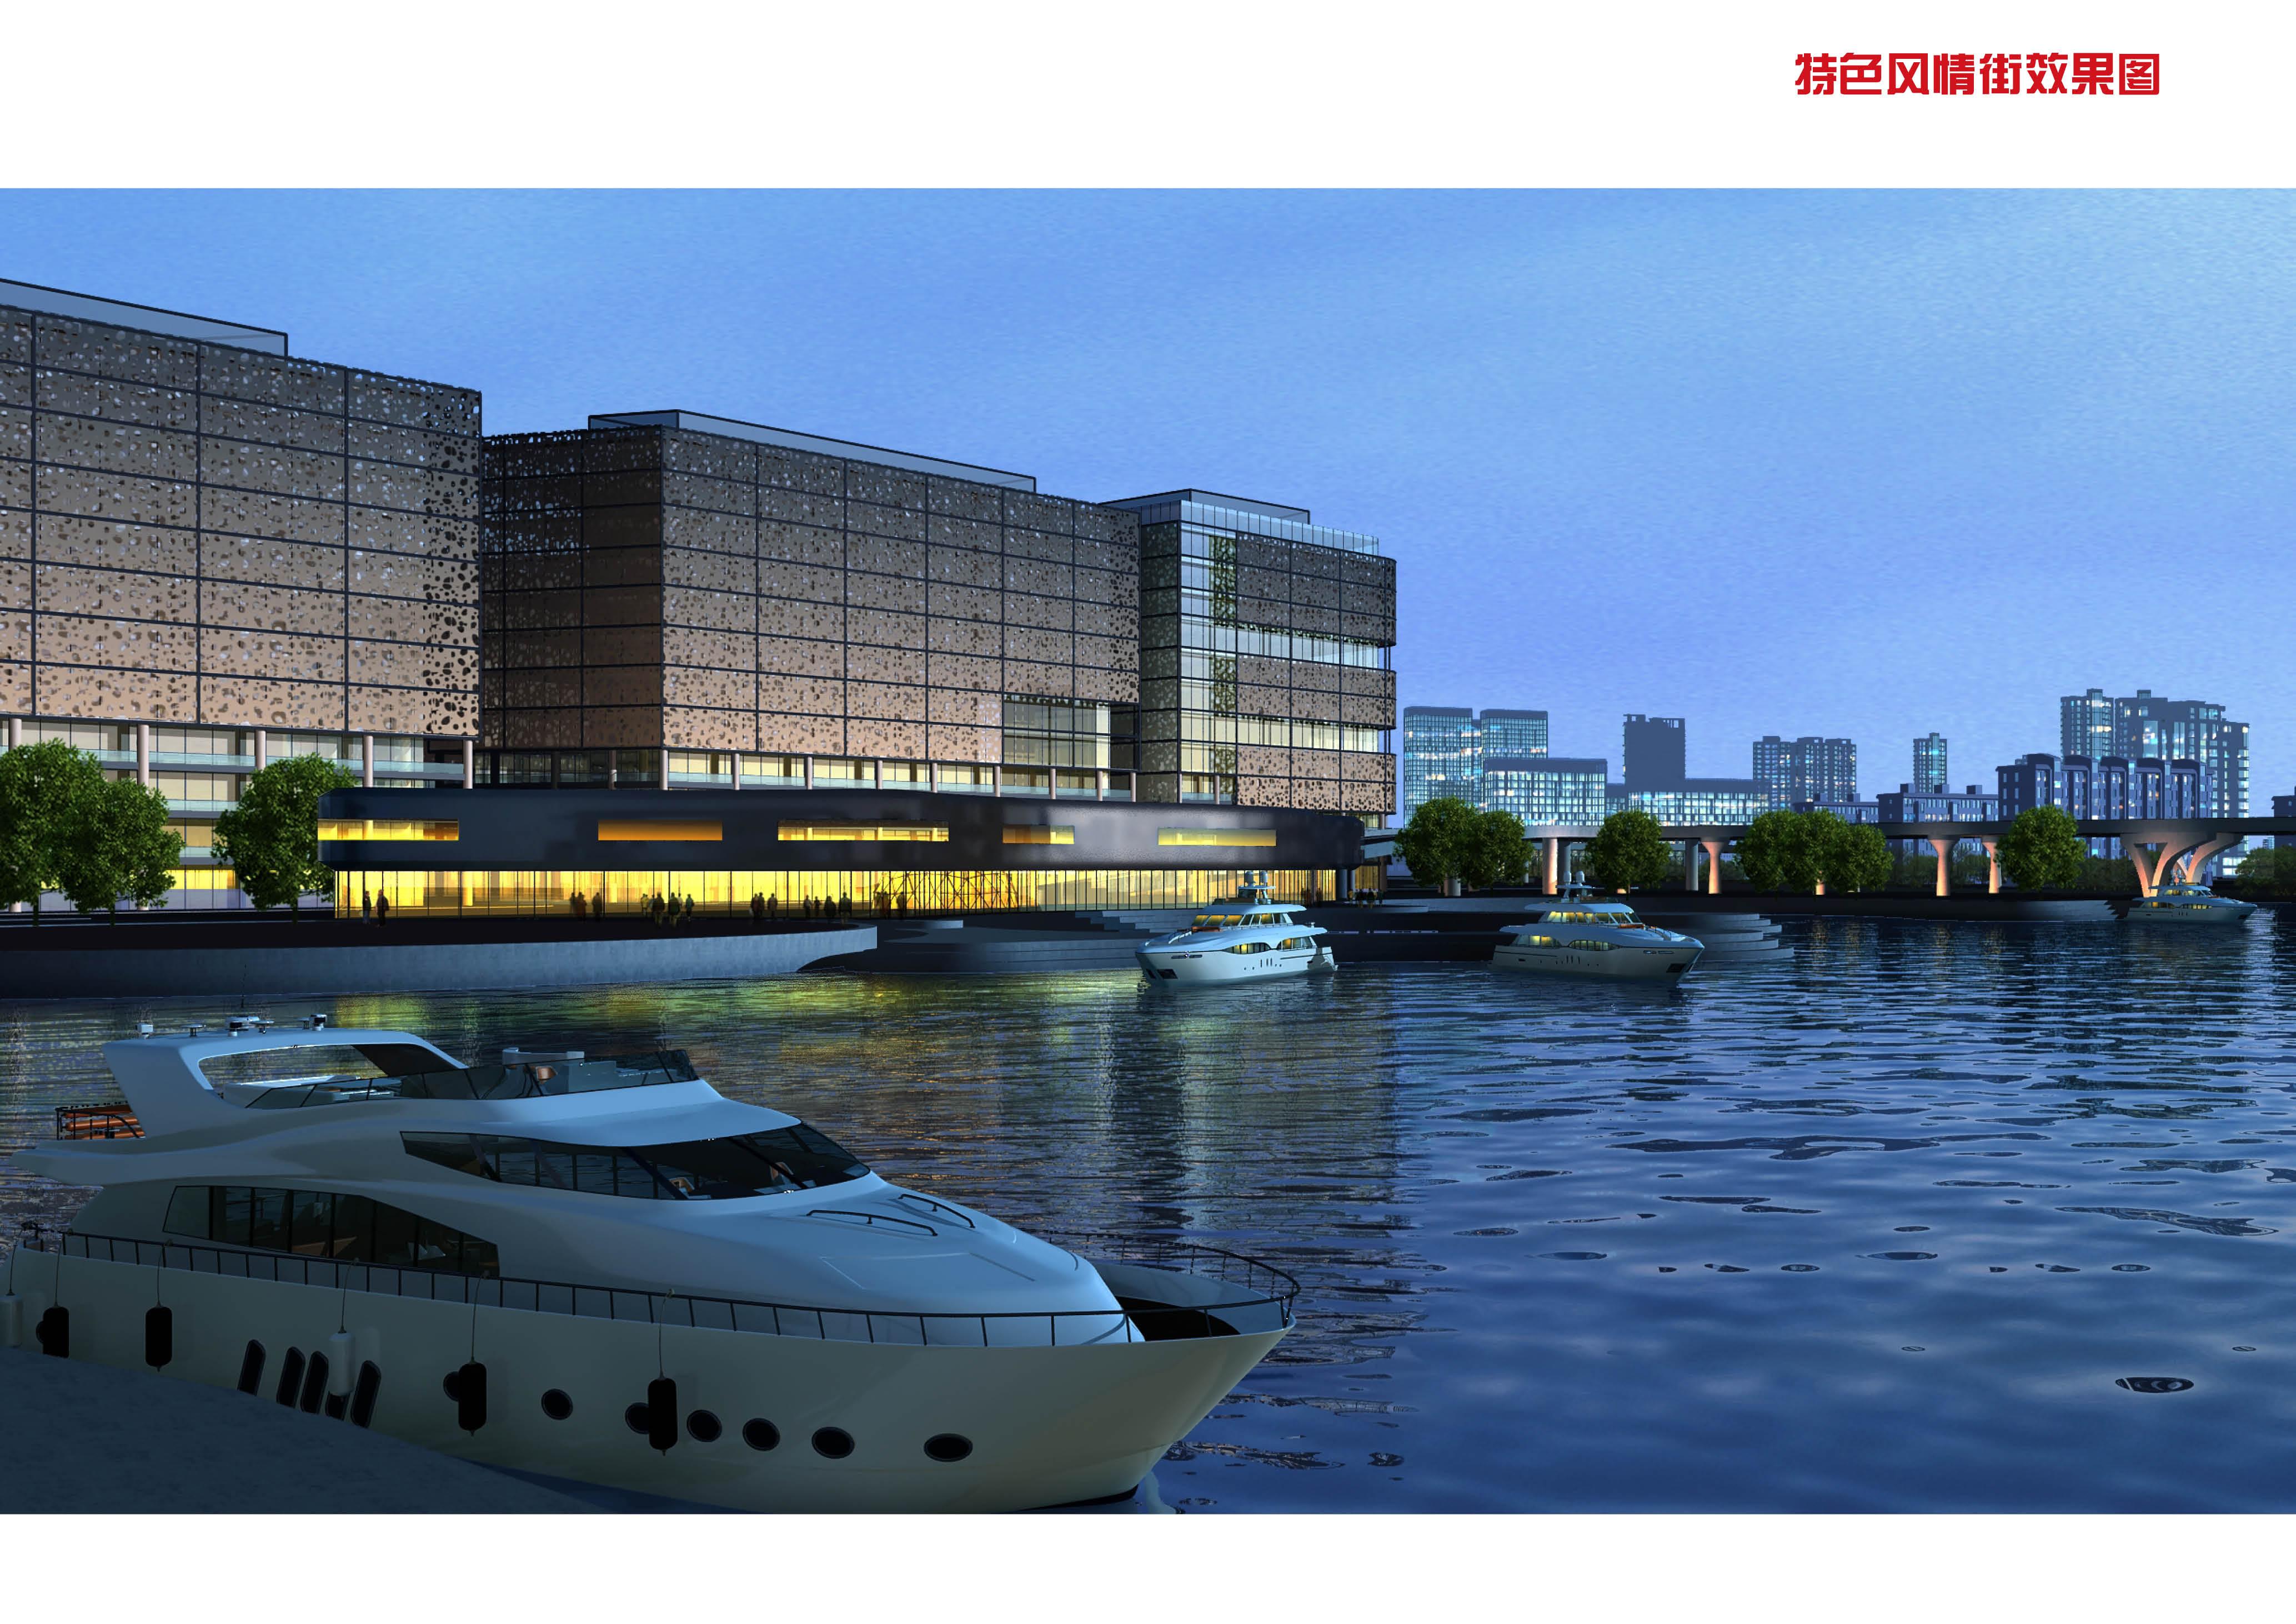 洋口港开发区海洋主题公园-洋口港开发区海洋主题公园景观设计92